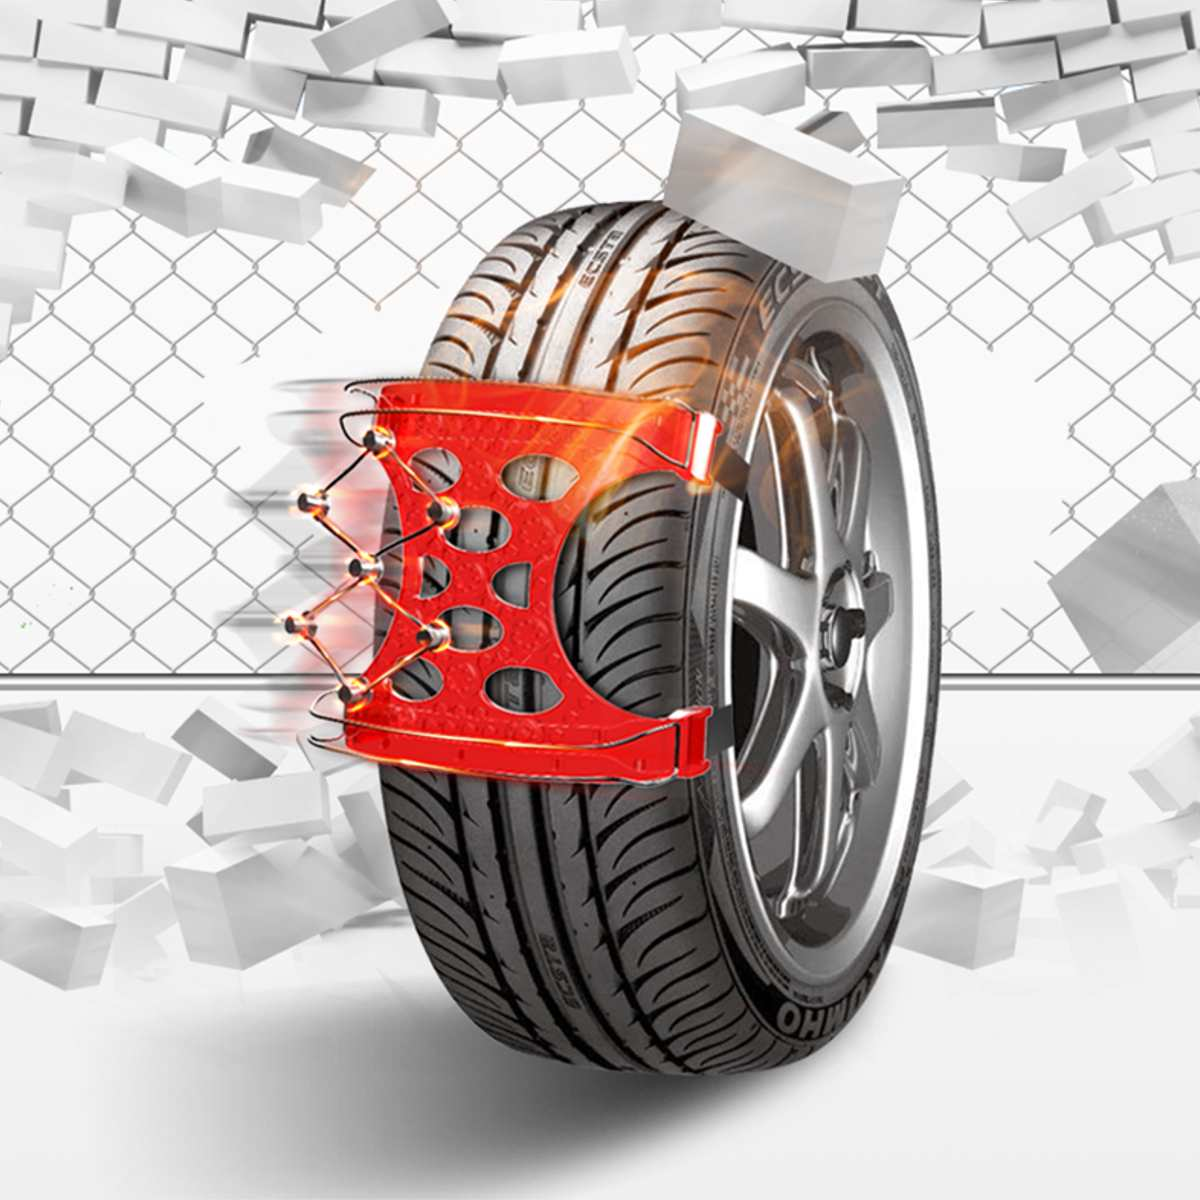 6 pièces général Automobile pneu boeuf Tendon chaîne TPU Stell fil neige chaîne universel voiture costume pour tout-terrain SUV sécurité anti-dérapant